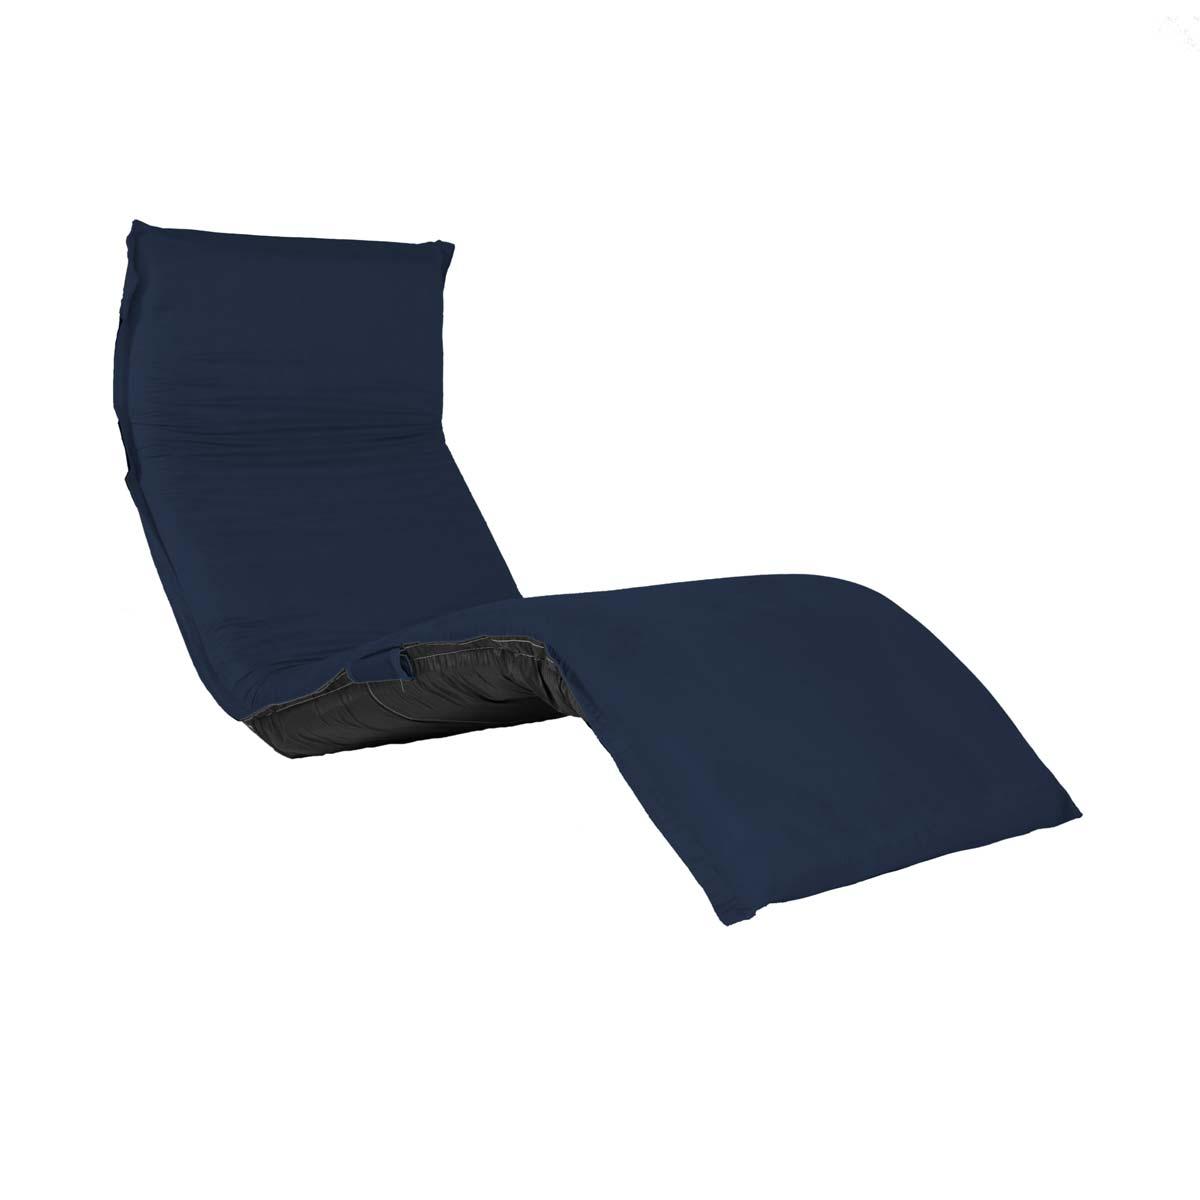 Chaise ClicClac Uno Lounge Tecido Suede Azul Marinho 02 03